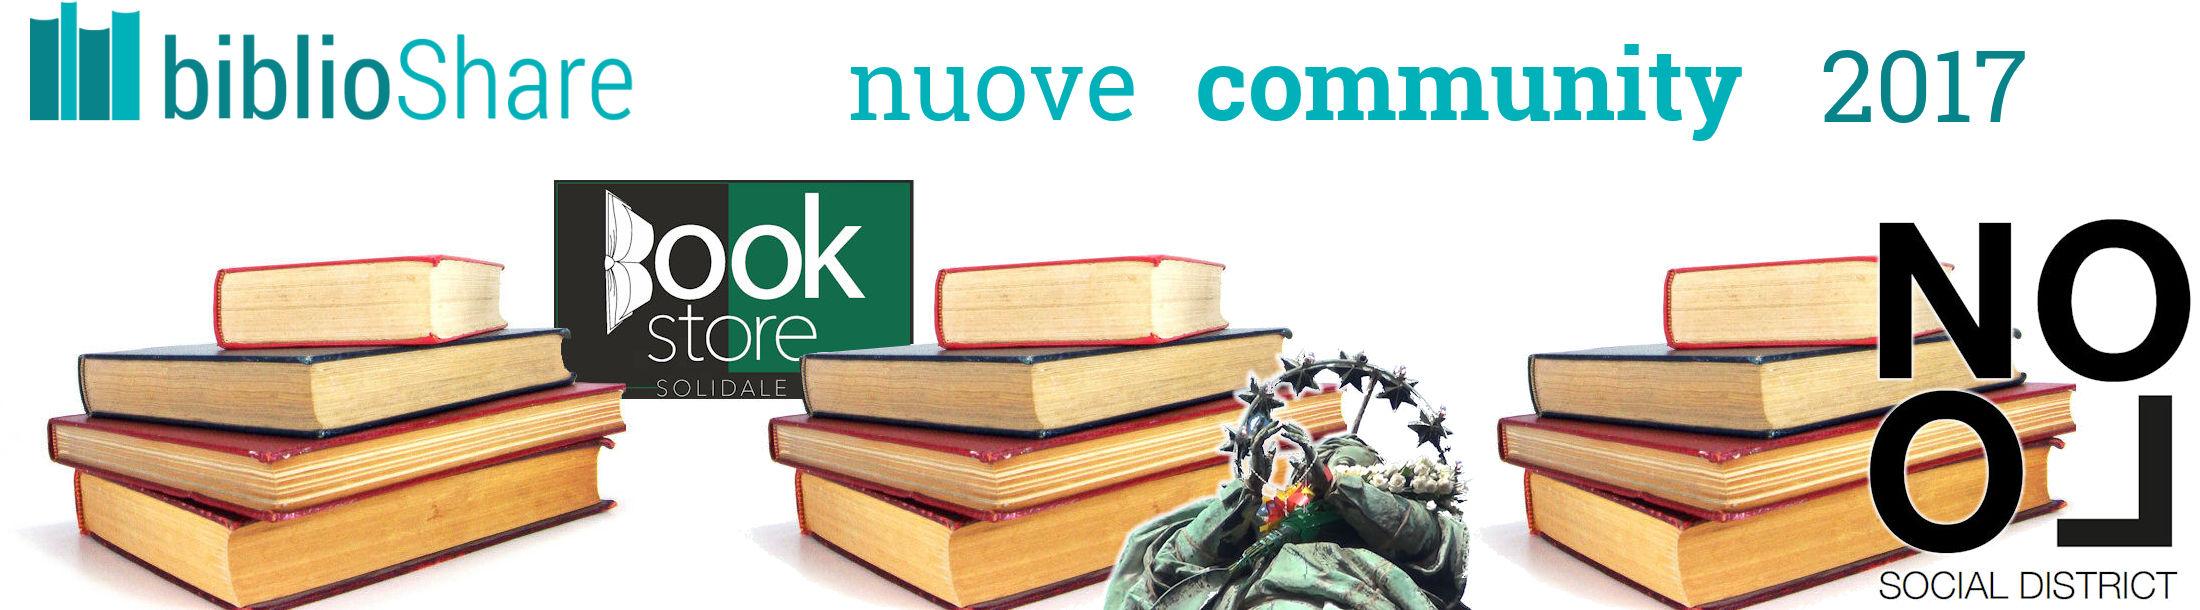 Bookstore solidale, NOLO biblioteca diffusa, Napoli piazza del Gesù